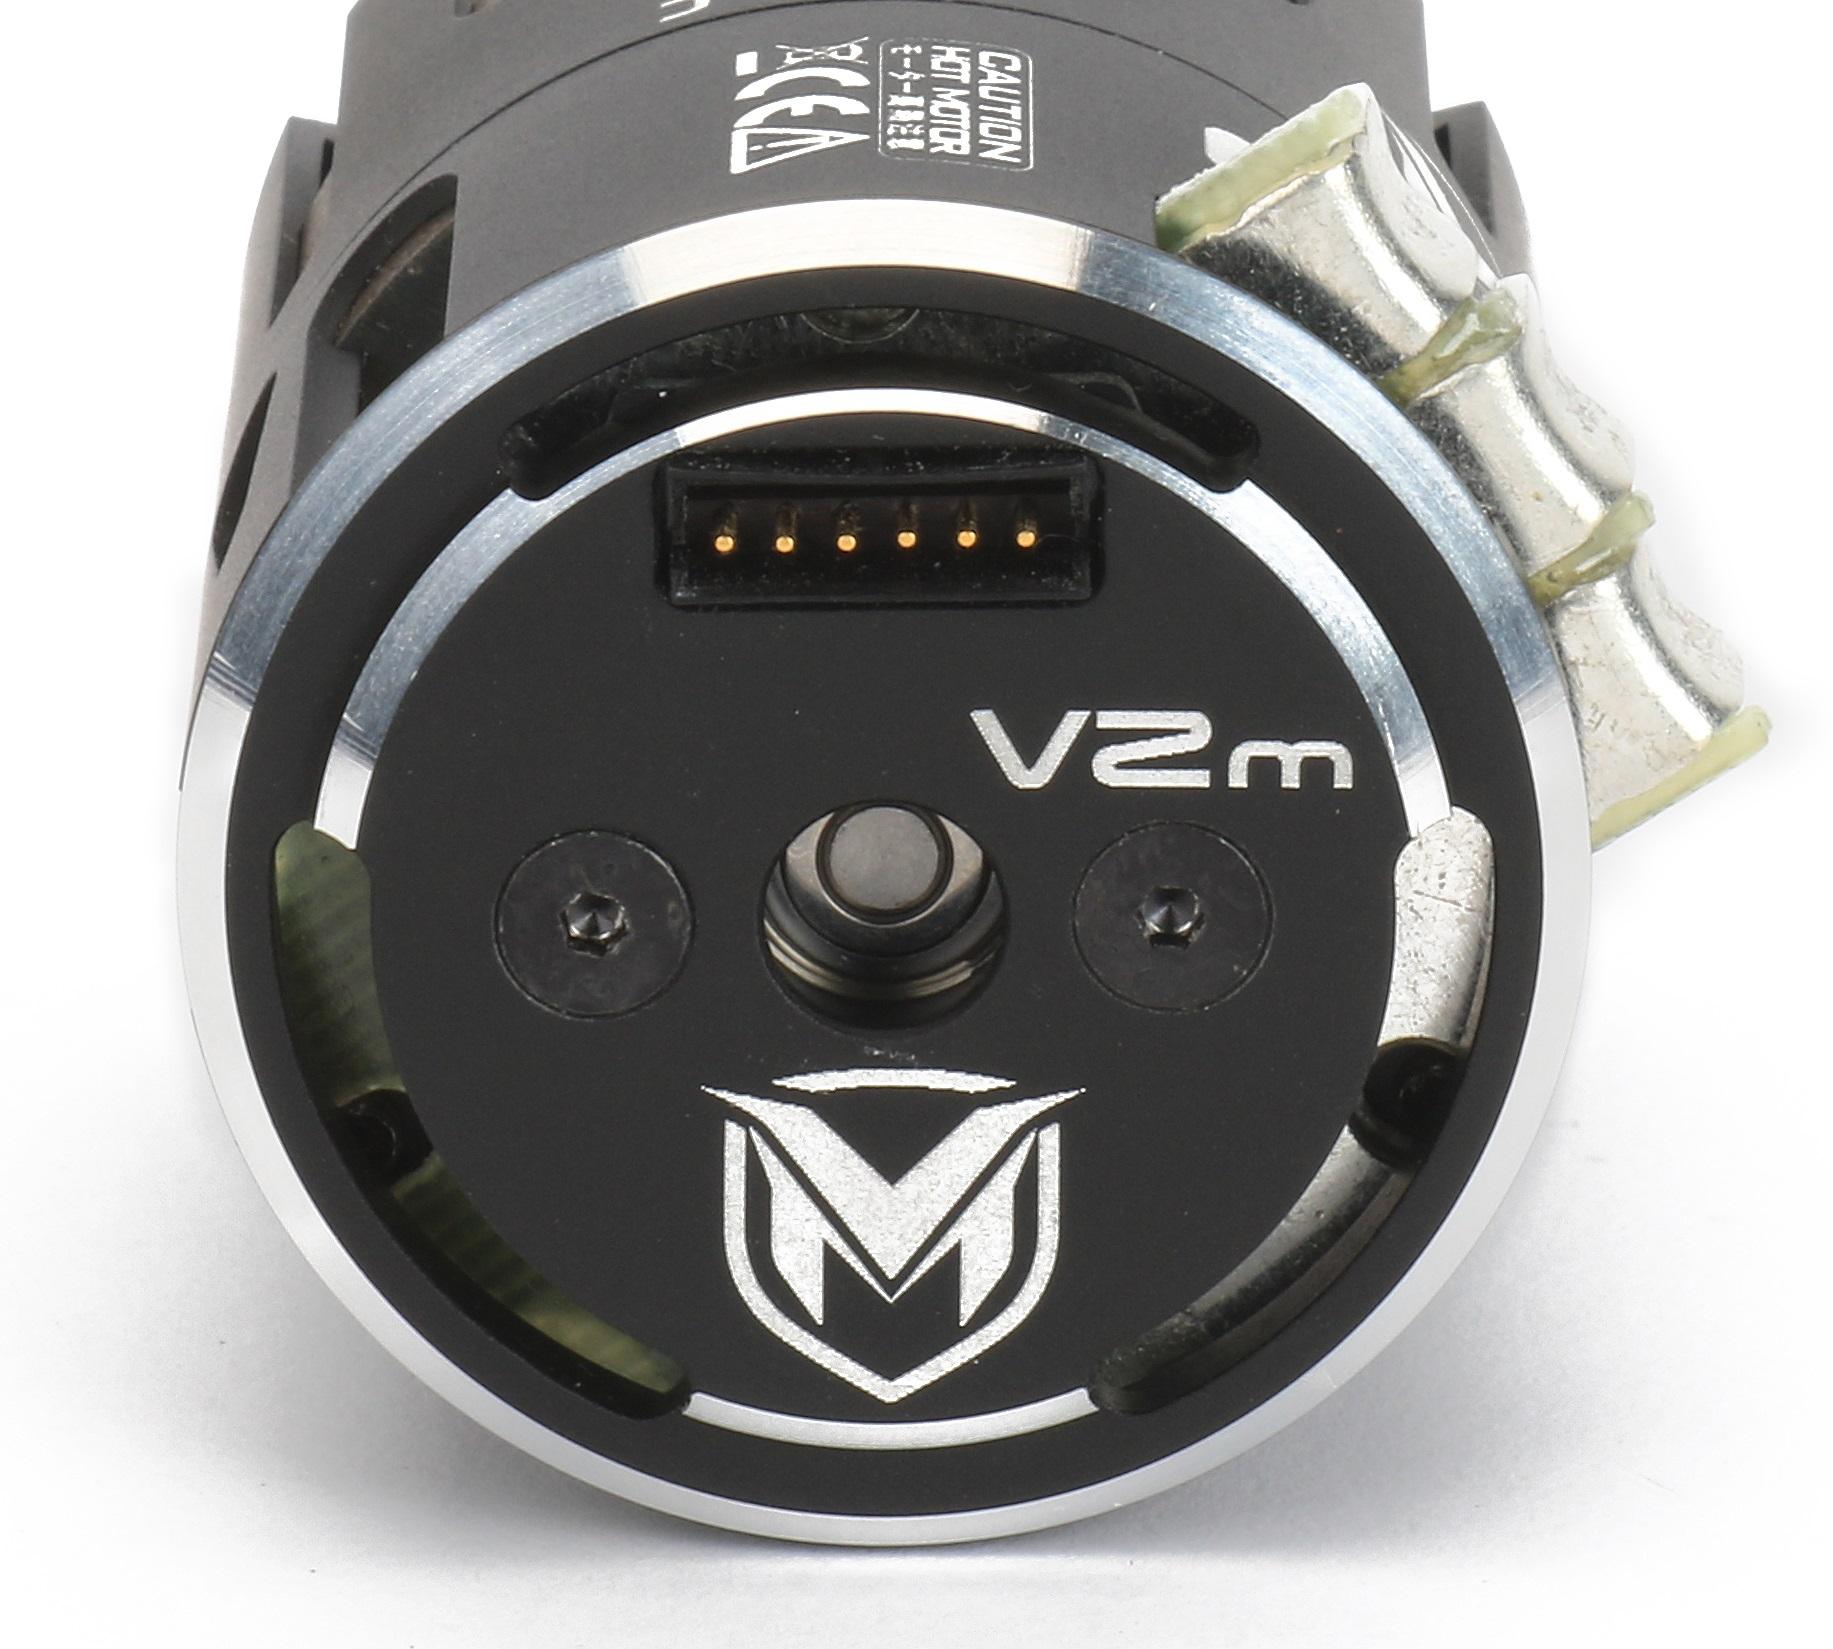 v2m-02.jpg